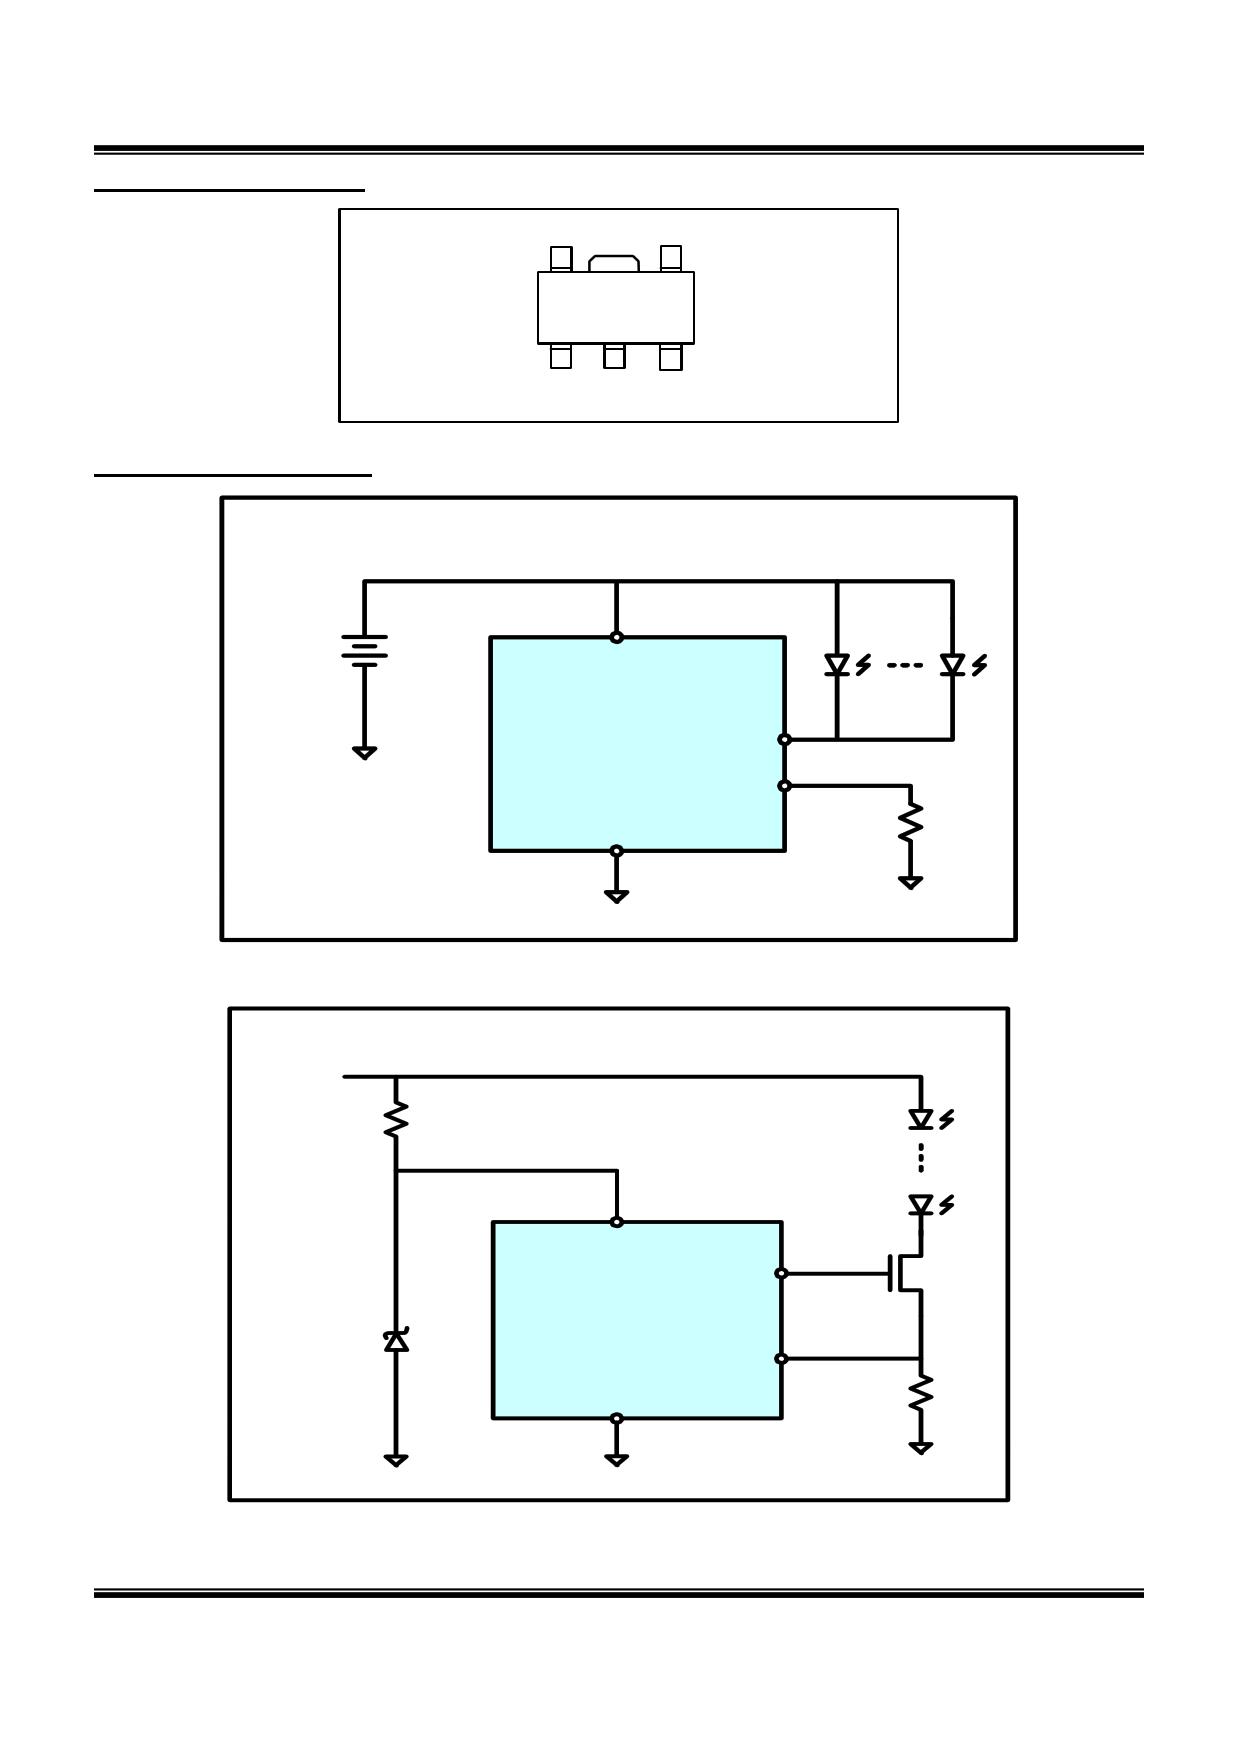 AMC7136 pdf, schematic